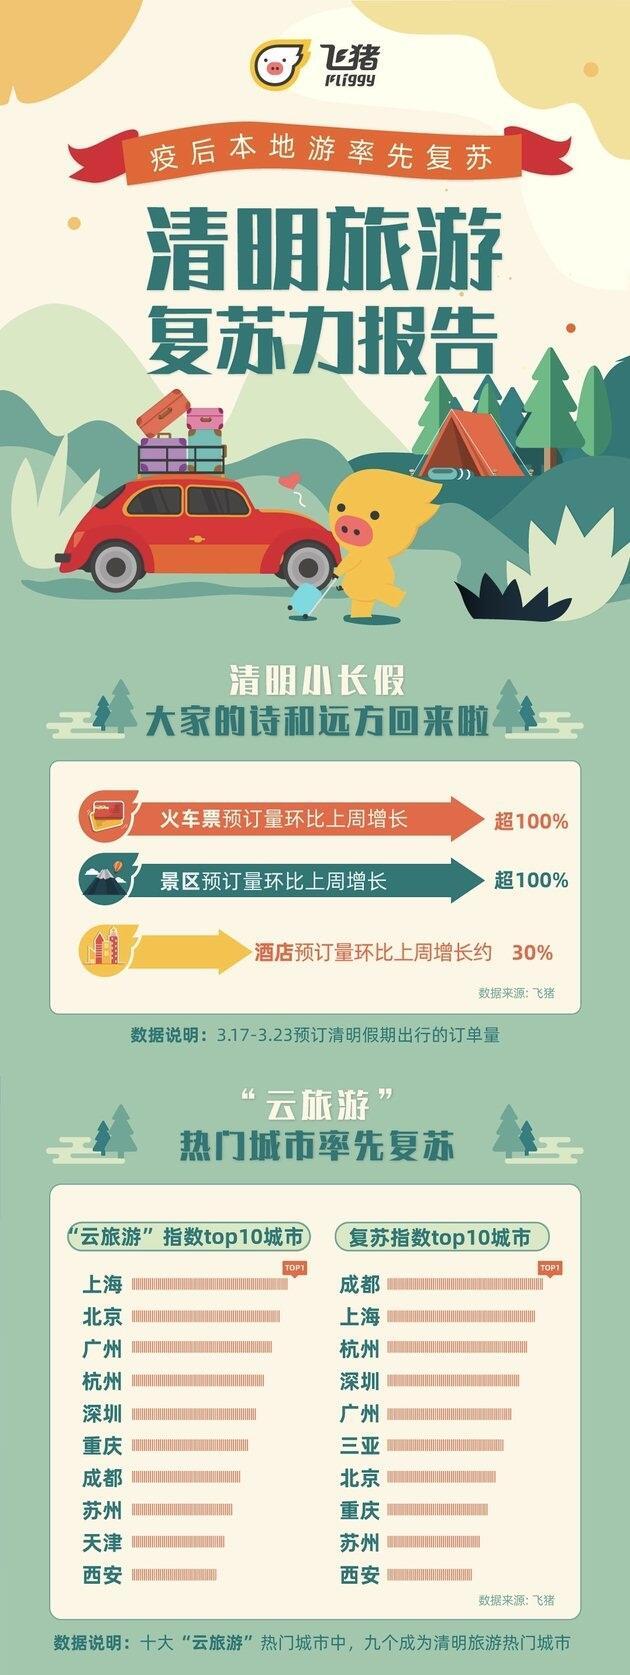 清明假期景区预订量增长超100% 酒店预订增长约30%